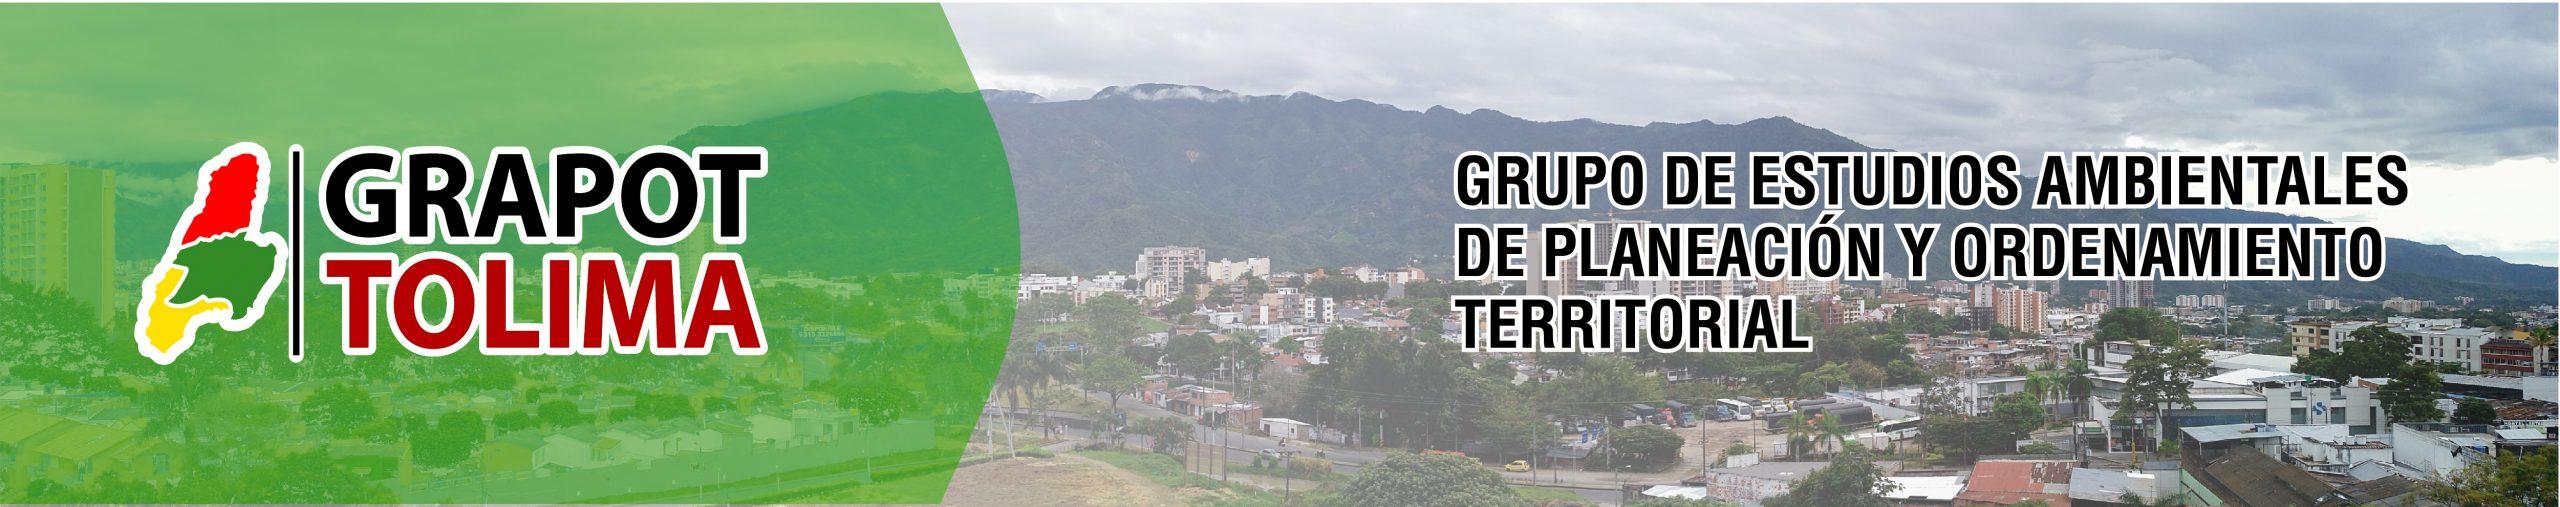 Grupo de Estudios Ambientales y de Planeación y Ordenamiento Territorial logo